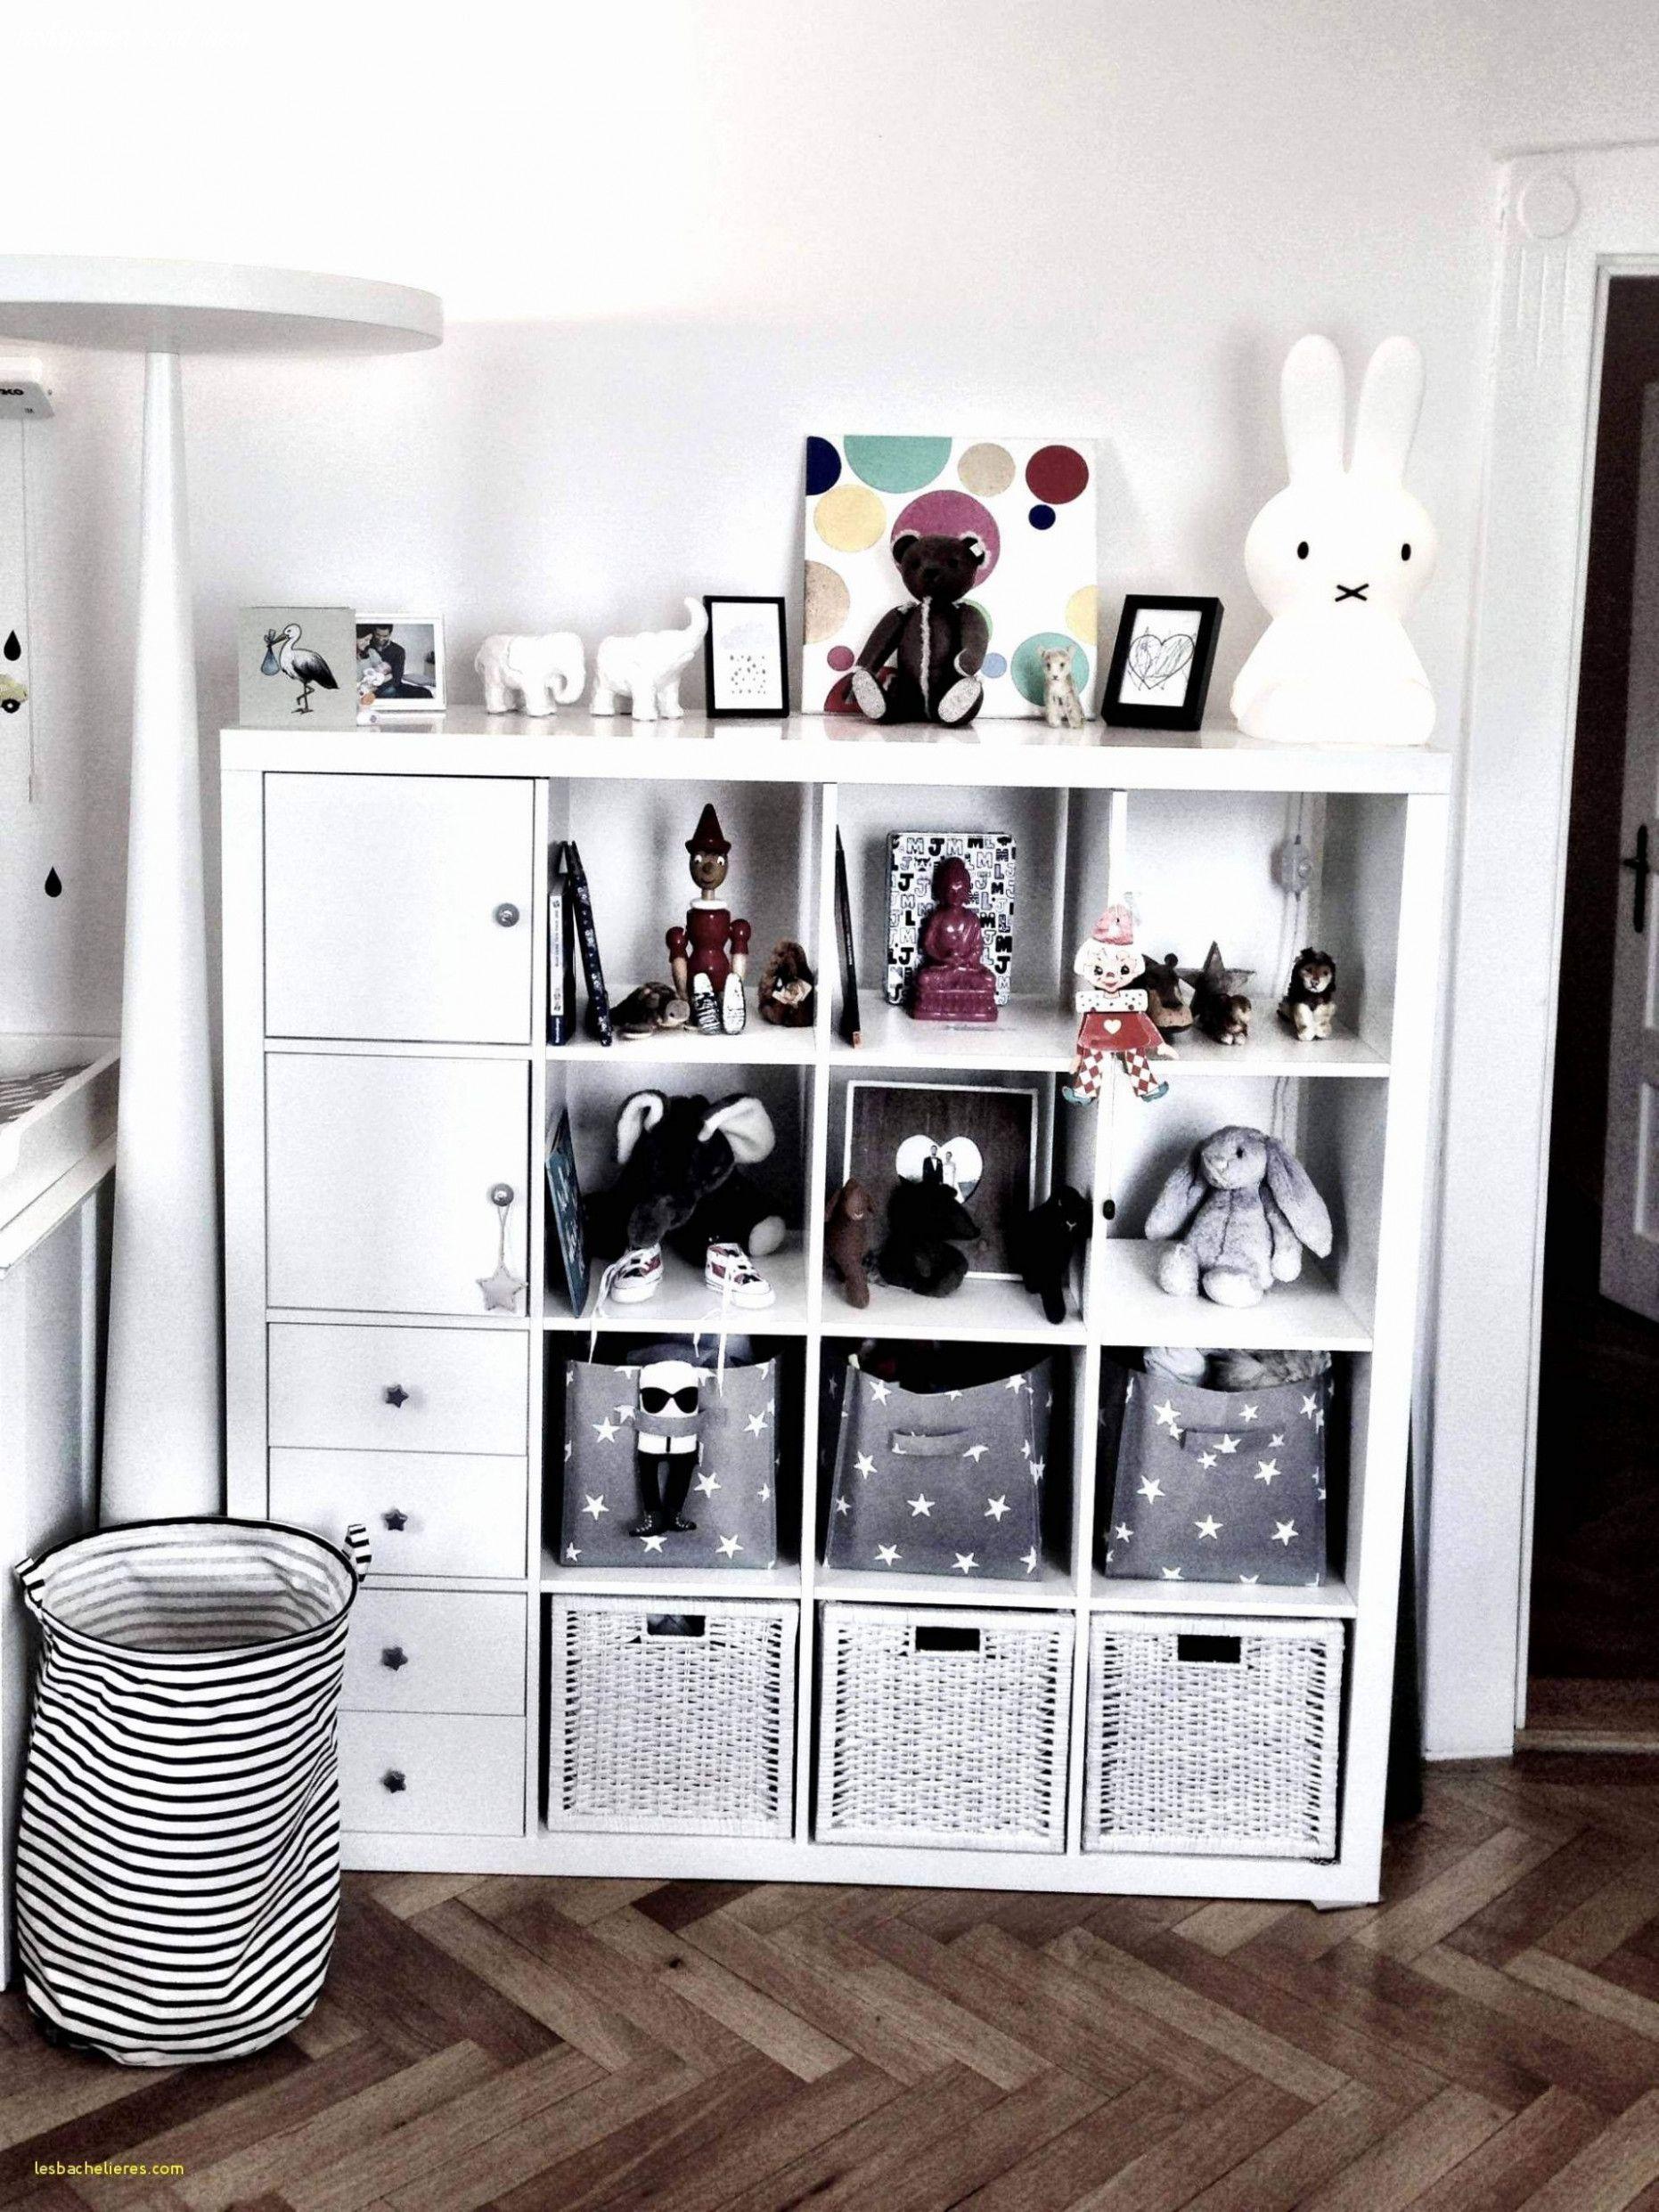 Ten Mind Numbing Facts über Wohnzimmer Regal Ideen in 10